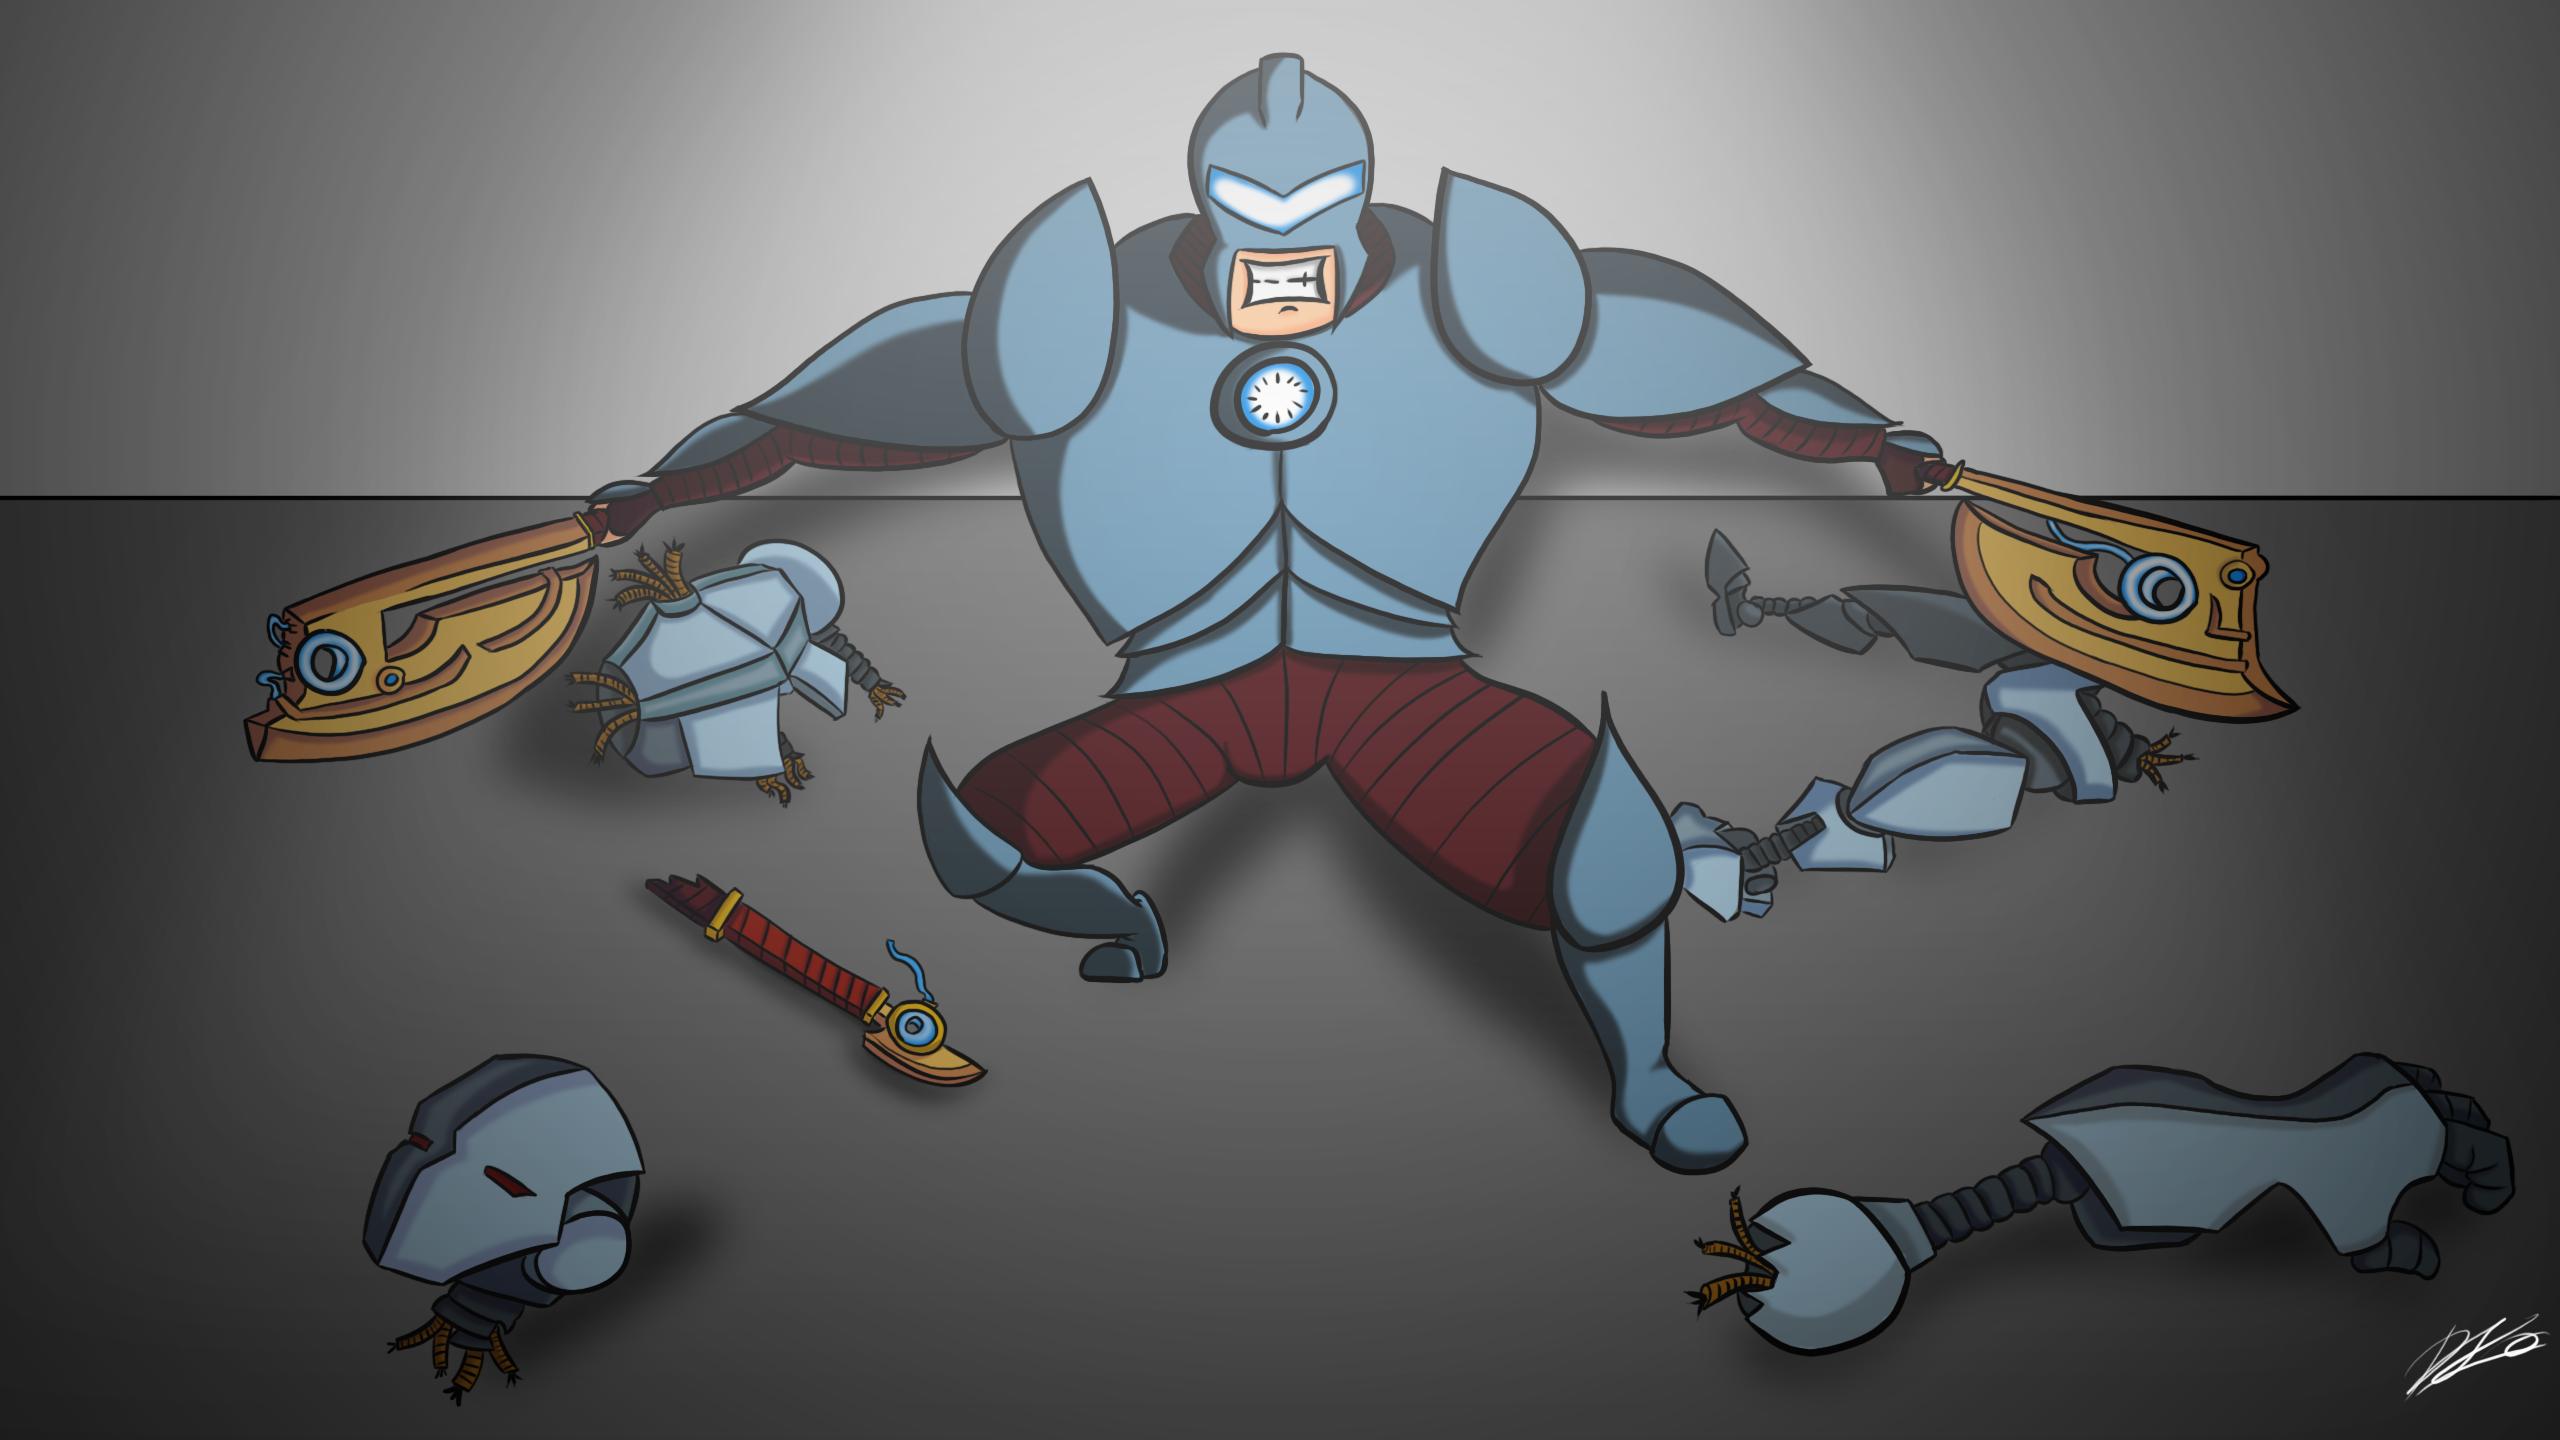 Power of an axe